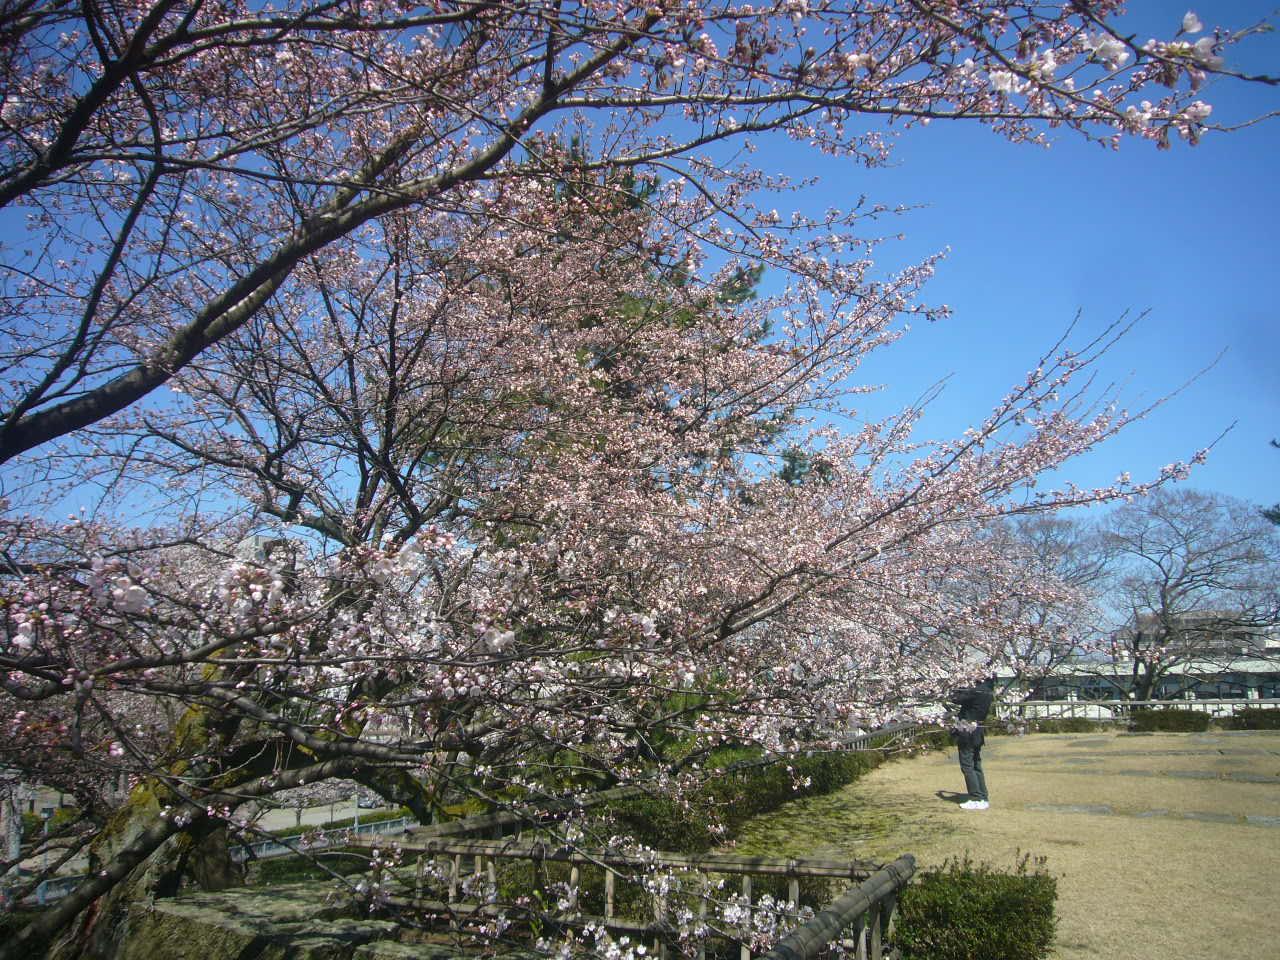 福井城跡 桜スポット まだいまいちH27.4.2